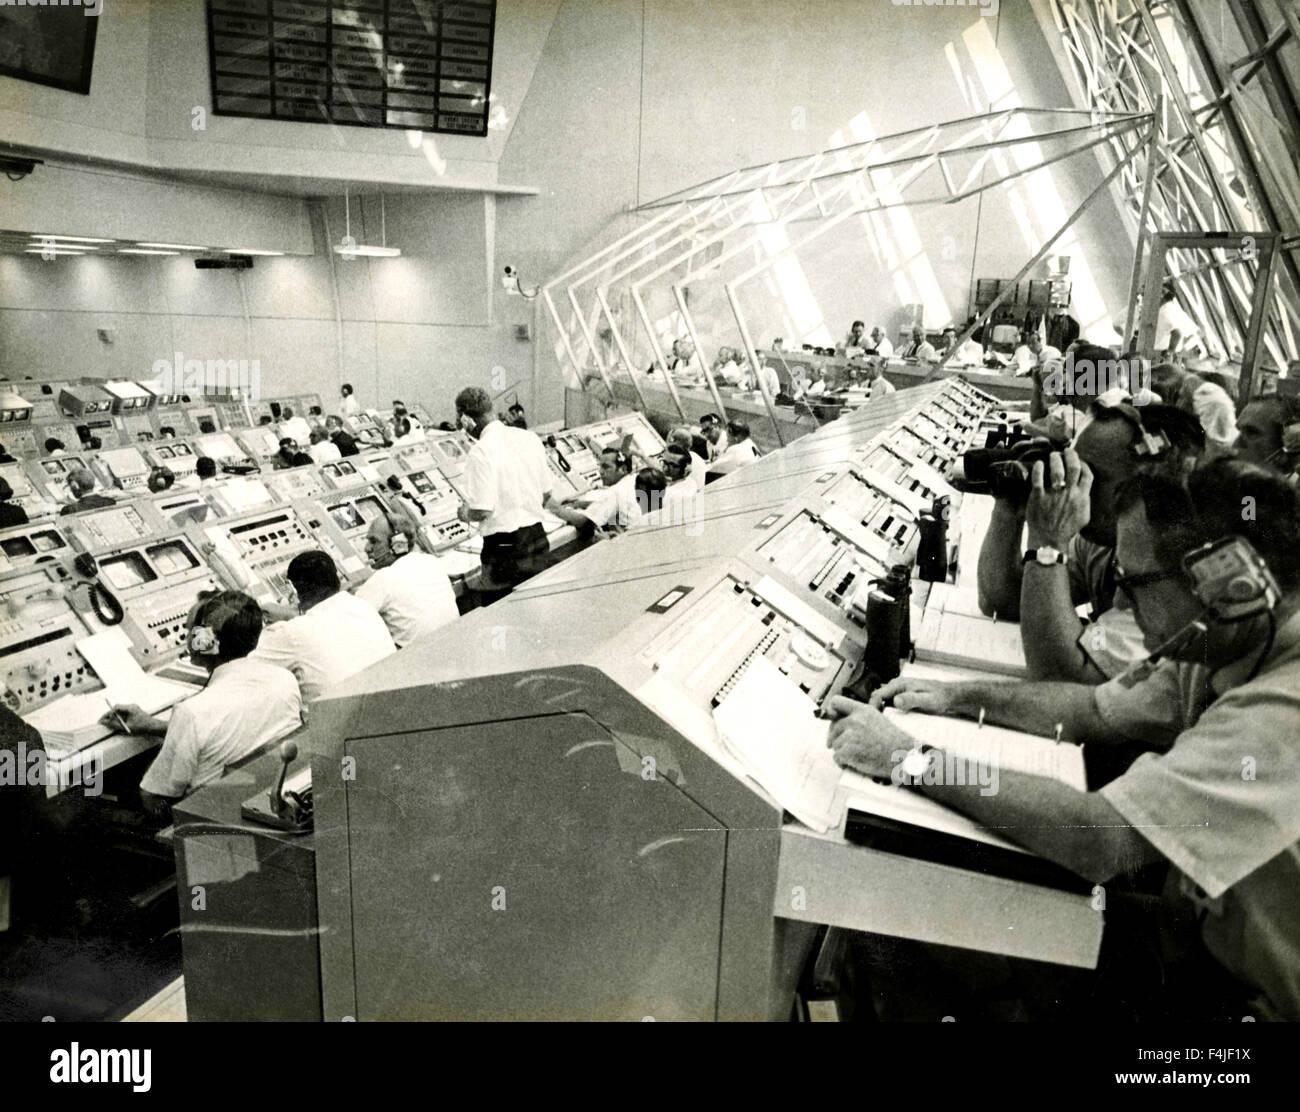 Apollo space mission control center - Stock Image